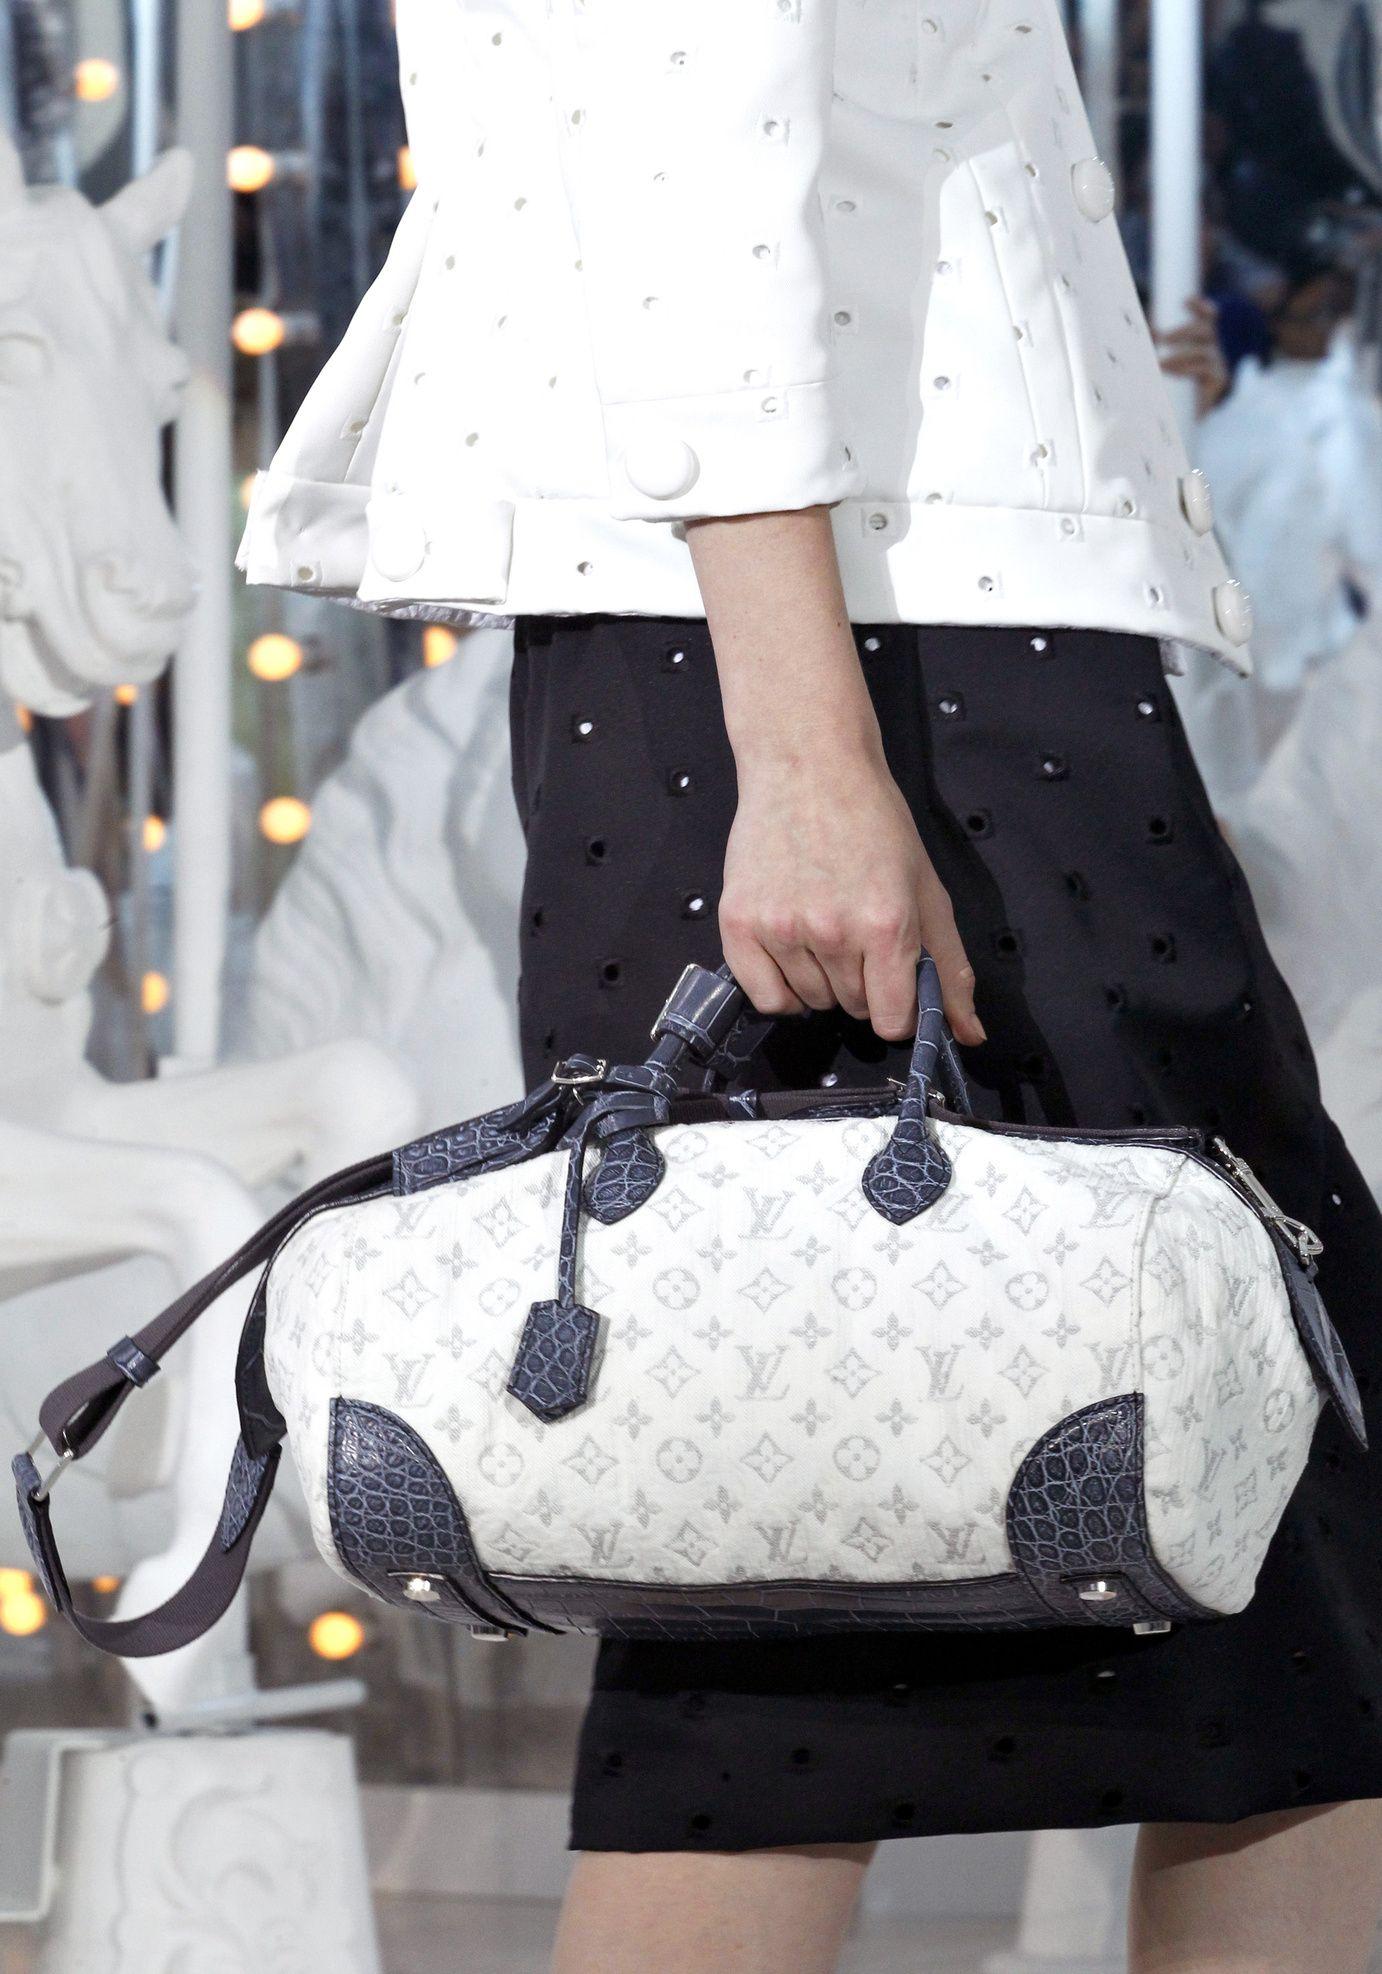 Défilé Louis Vuitton  Printemps-été 2012   my whit   Pinterest a92a9105f0a